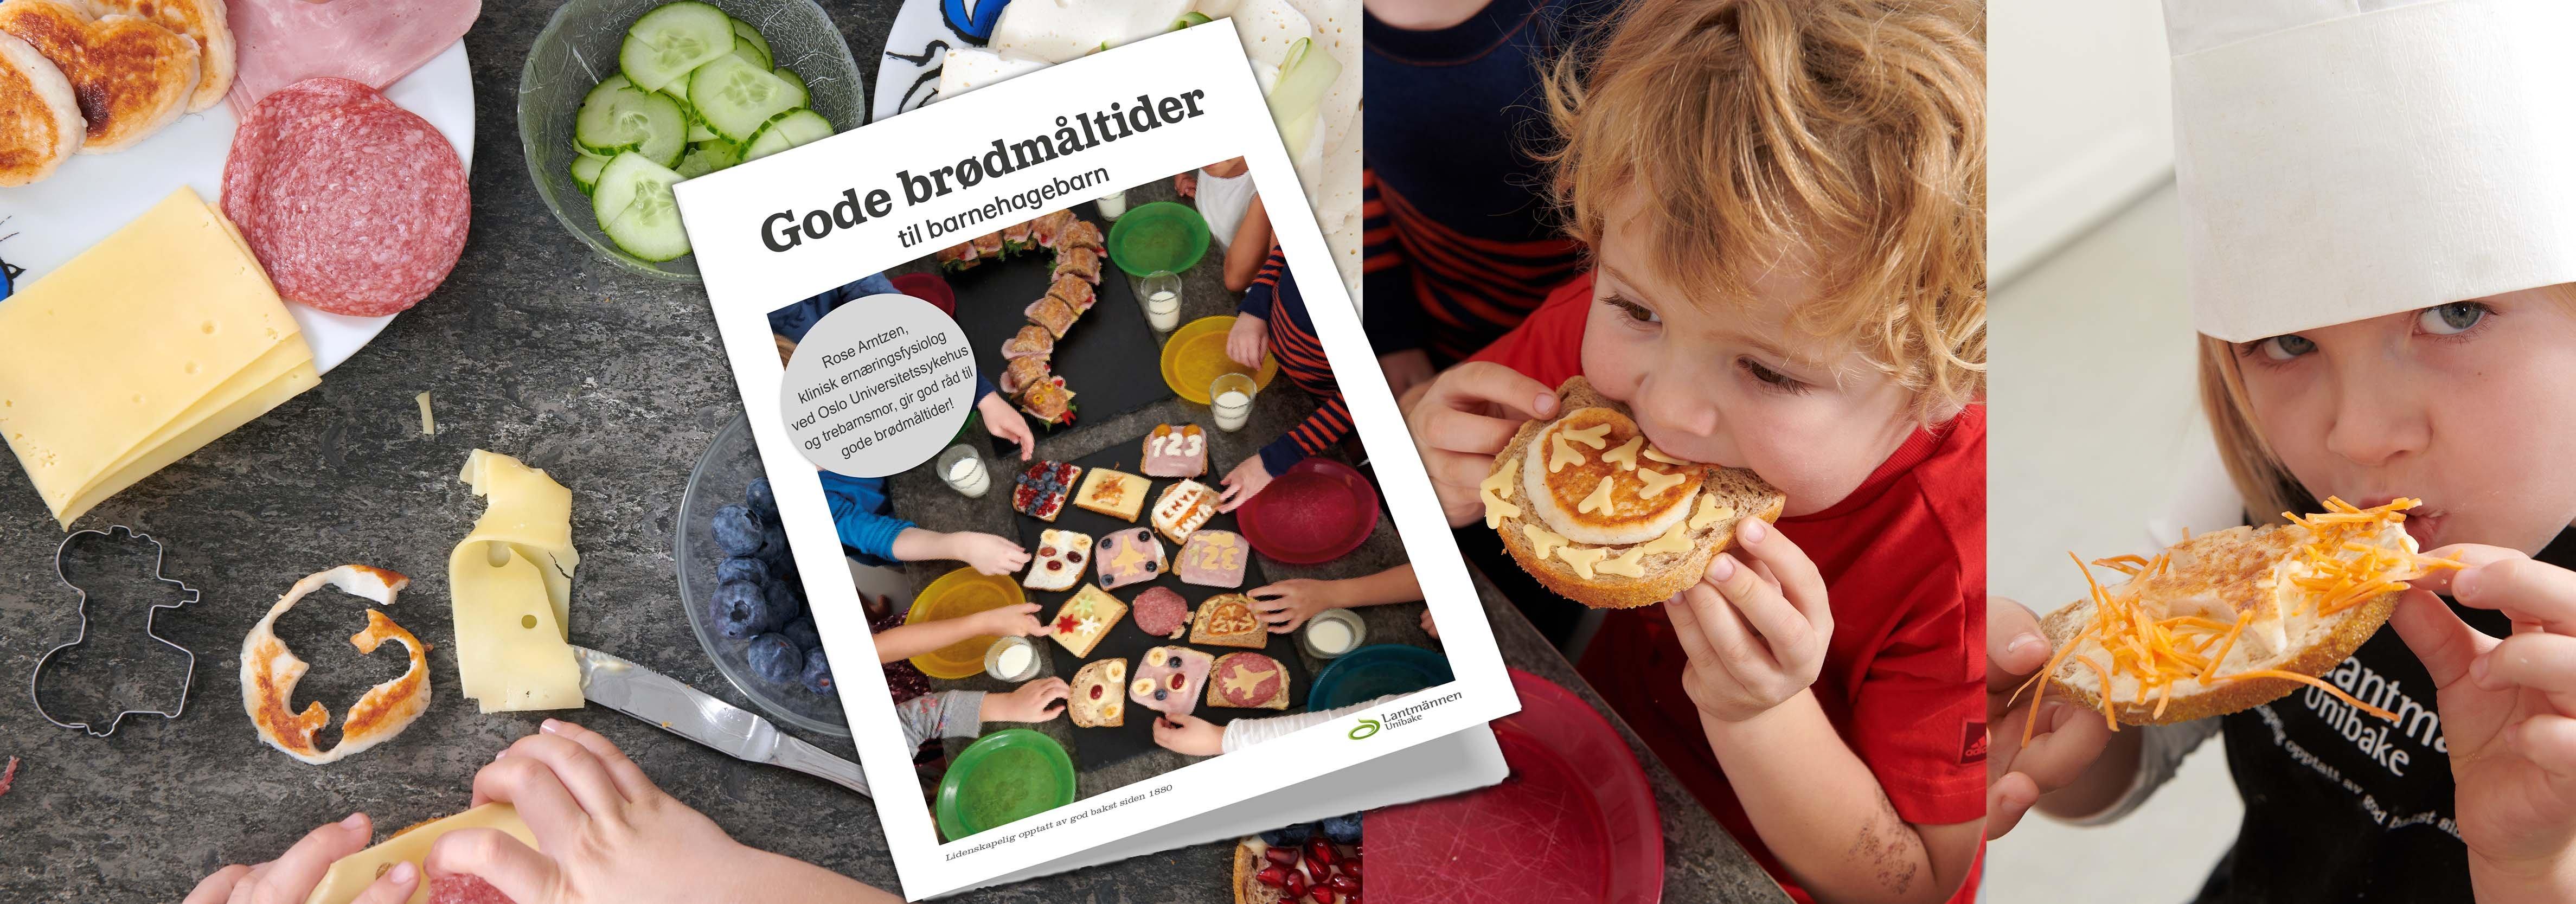 1140x400-Gode-brødmåltider-til-bhg-landingsside-e-bok